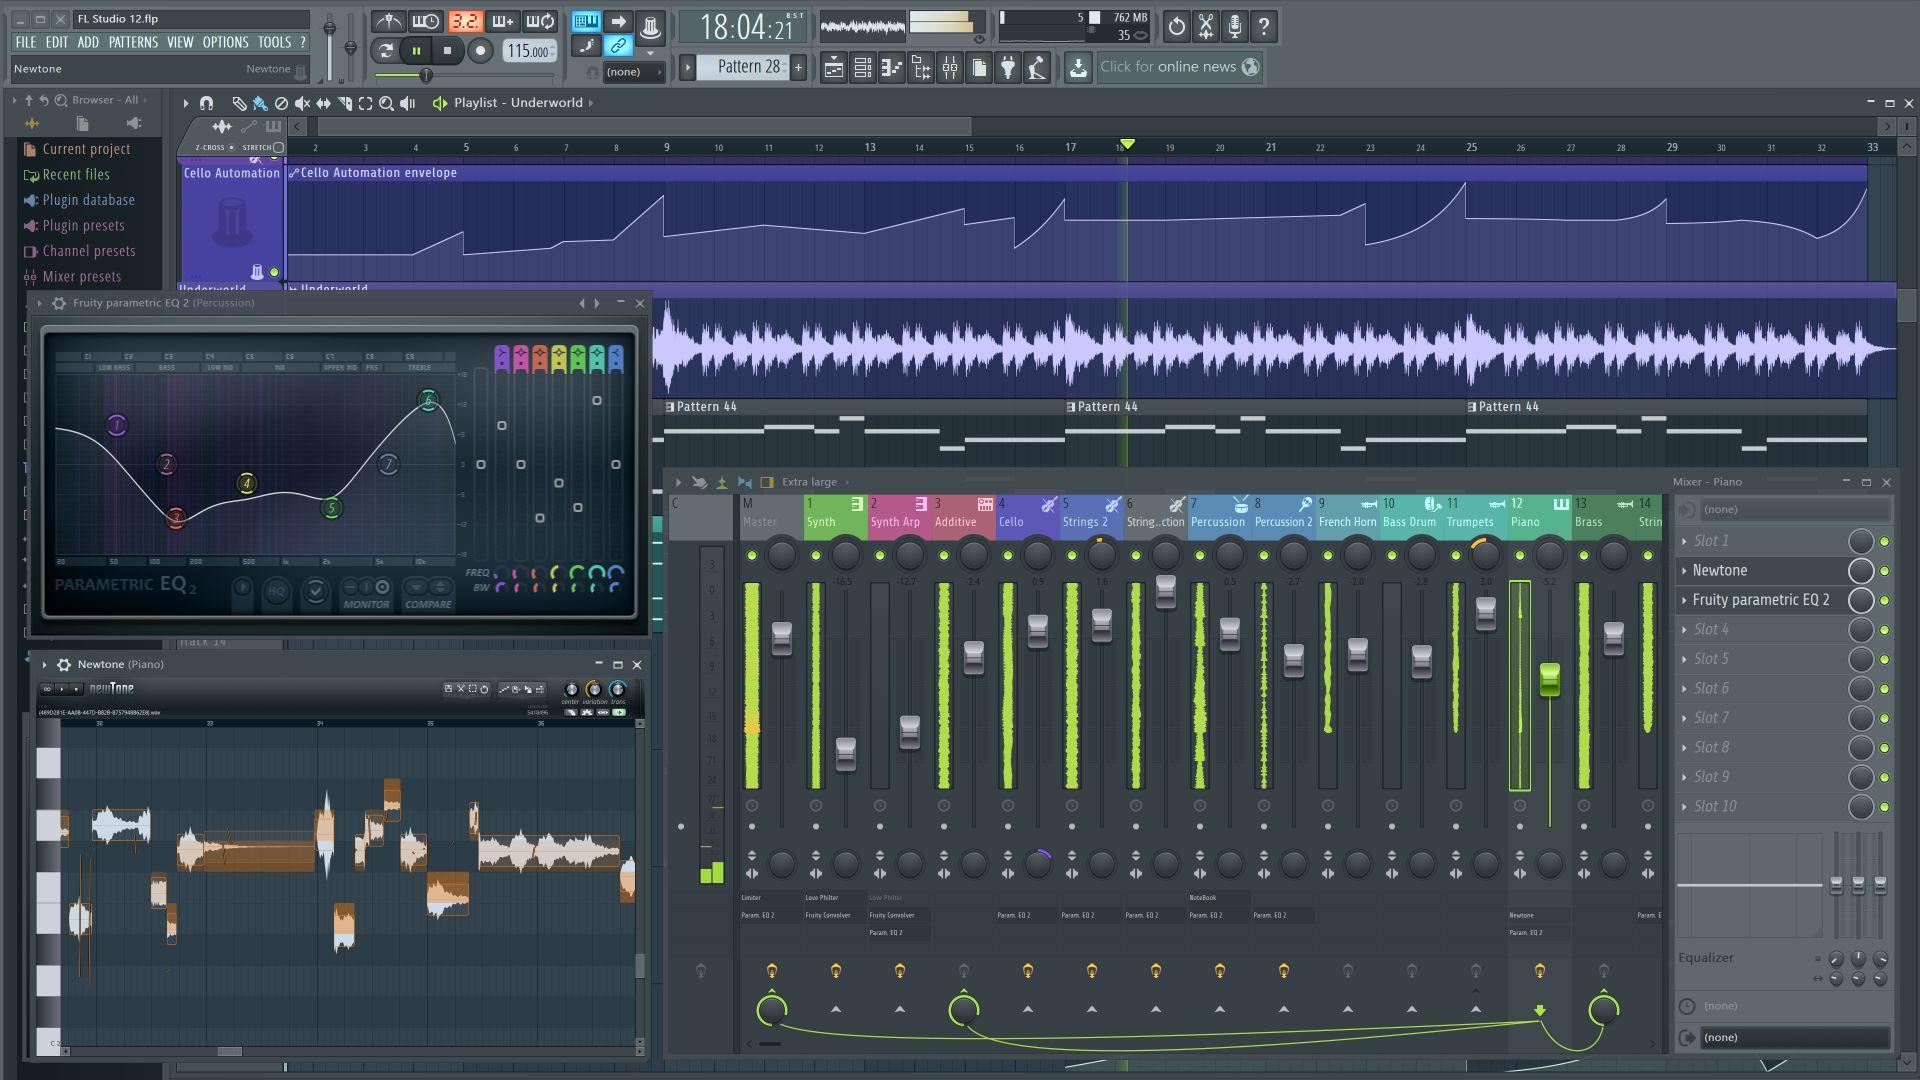 fl studio 12.0 2 crack